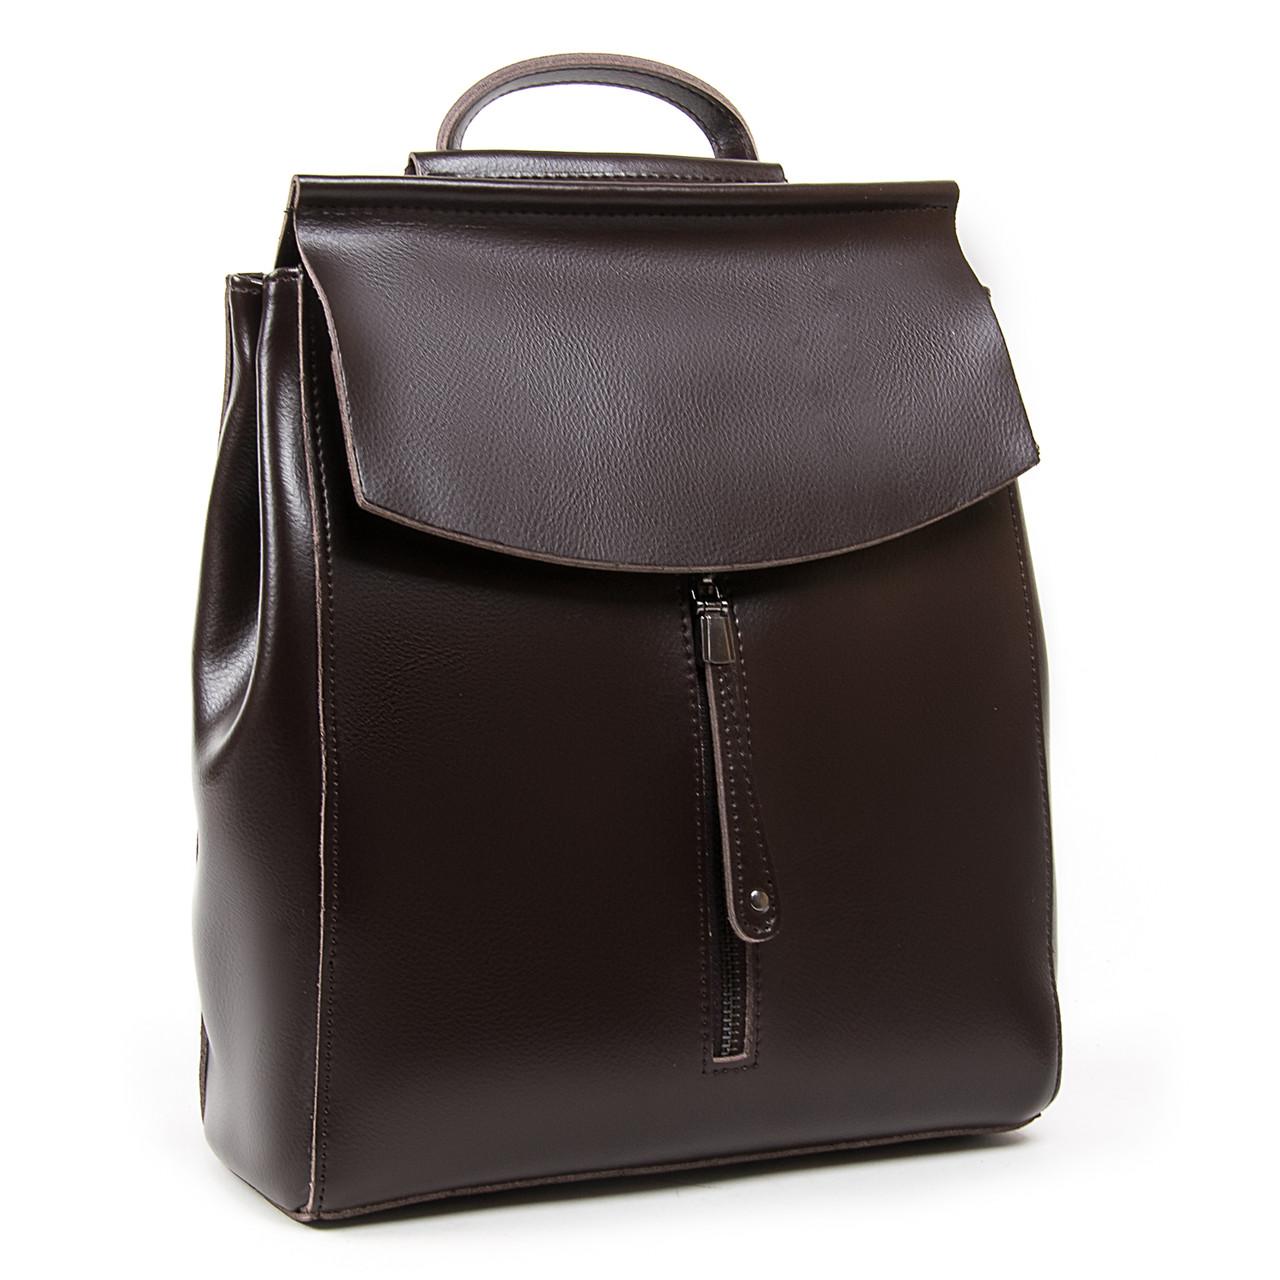 Рюкзак женский кожаный ALEX RAI 05-01 3206 brown